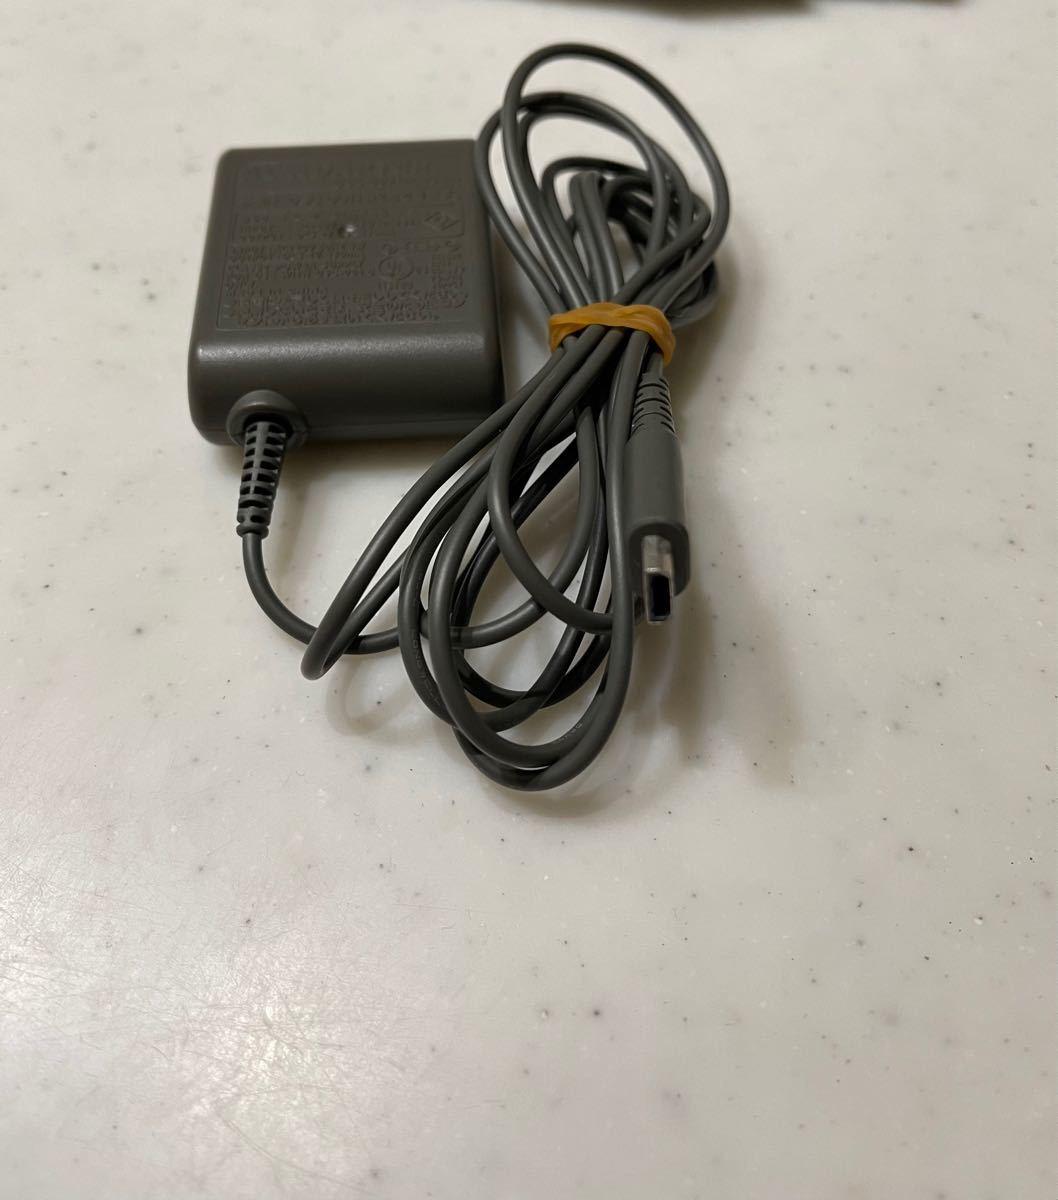 任天堂 DS Lite ACアダプター ニンテンドーDS Lite 充電器